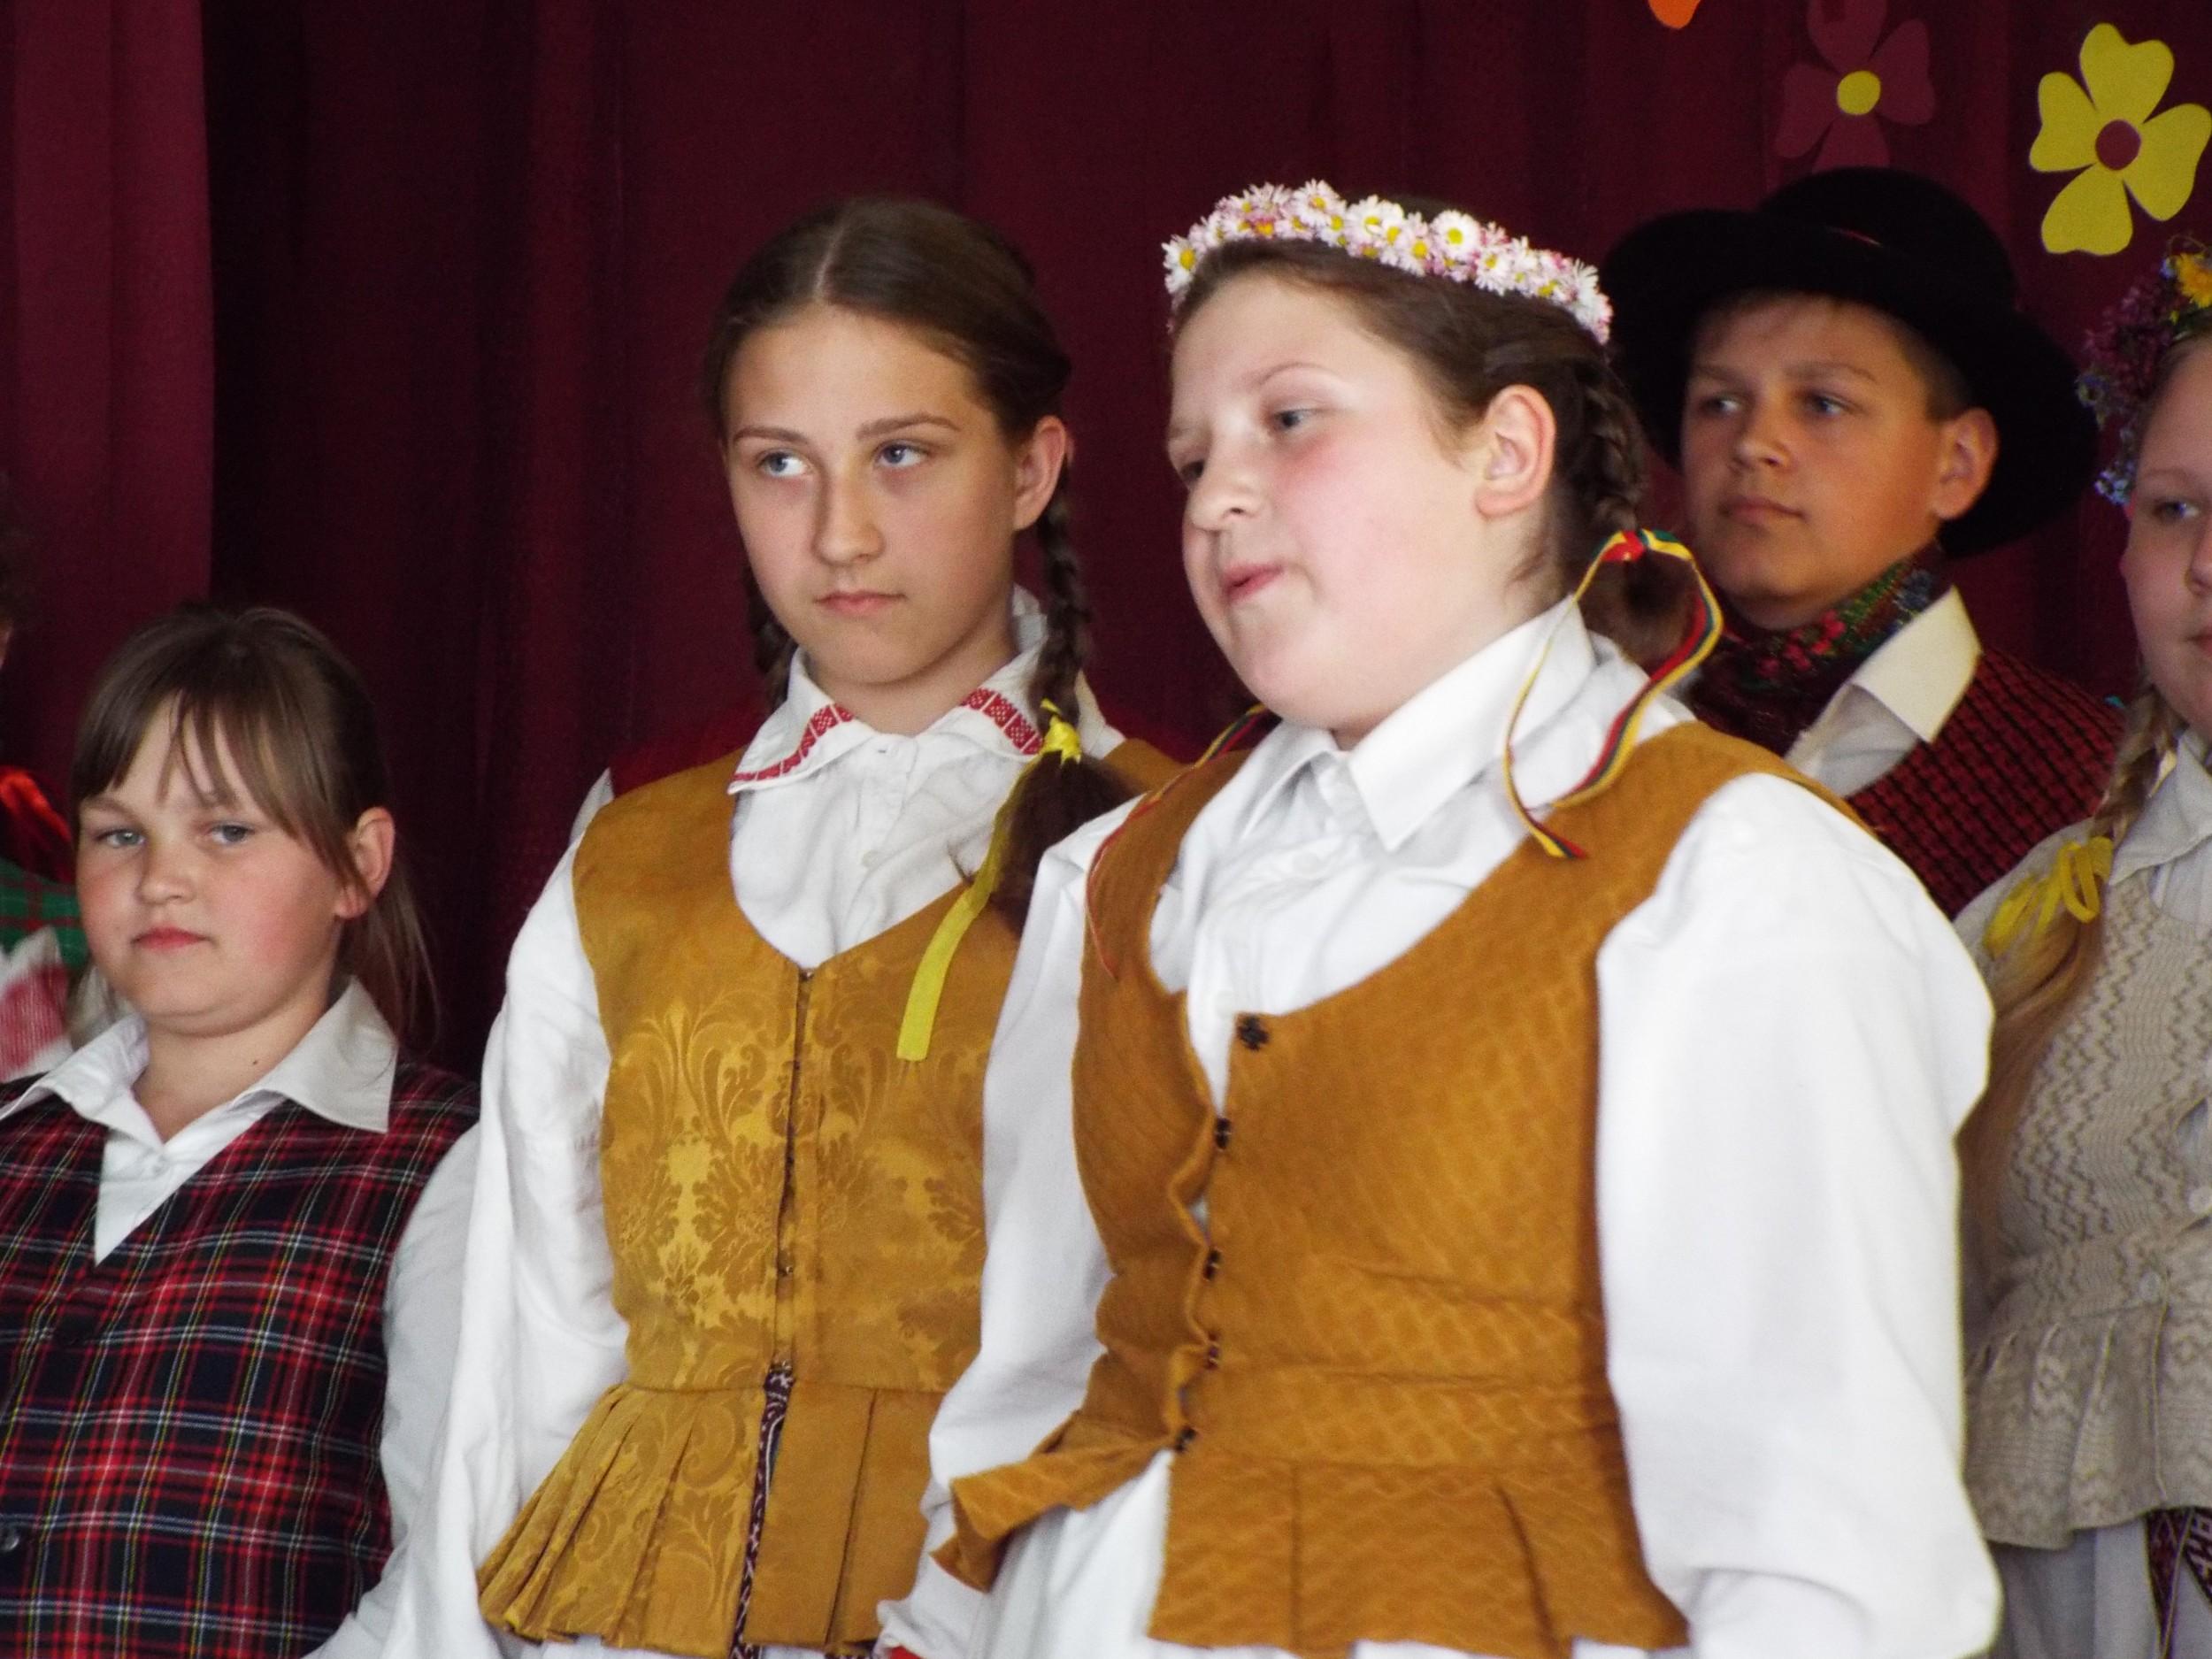 """Vaikų folkloro ansamblis """"Ratinėls"""" svečiavosi Guostagalyje"""